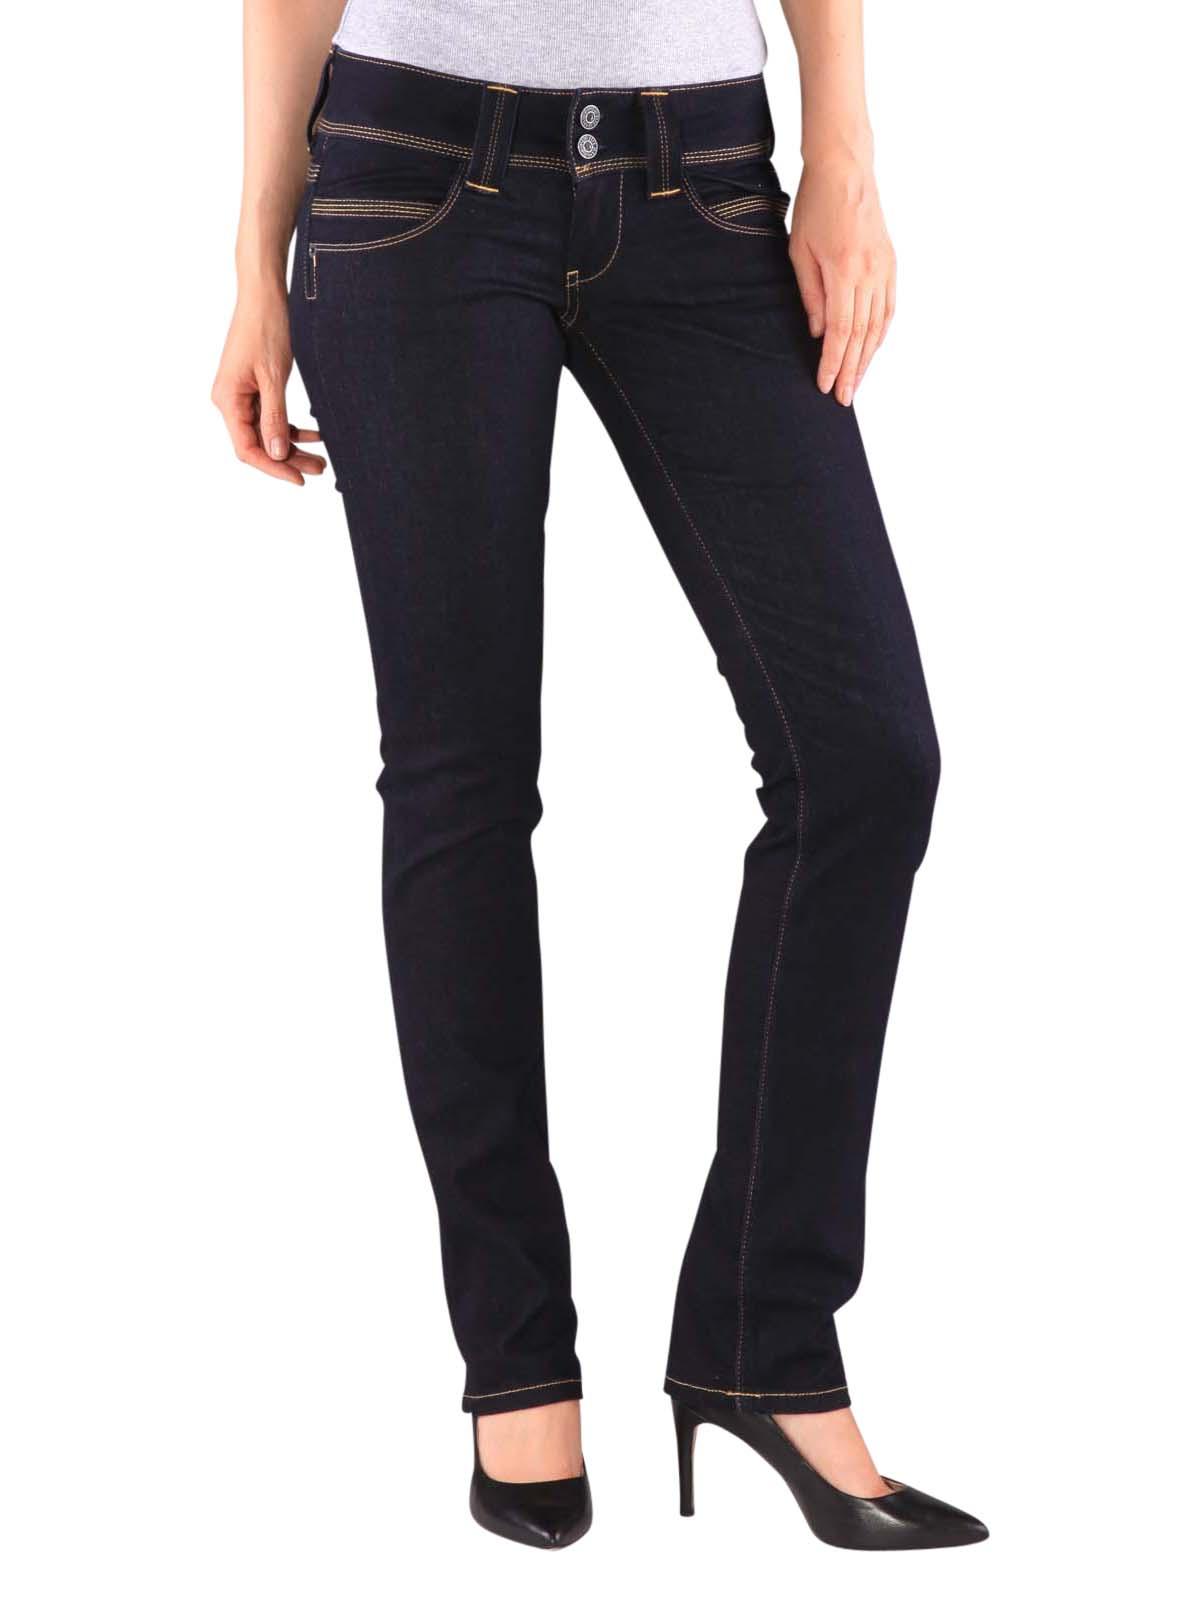 Pepe Jeans Venus rinse plus Pepe Jeans Damen Jeans | Gratis